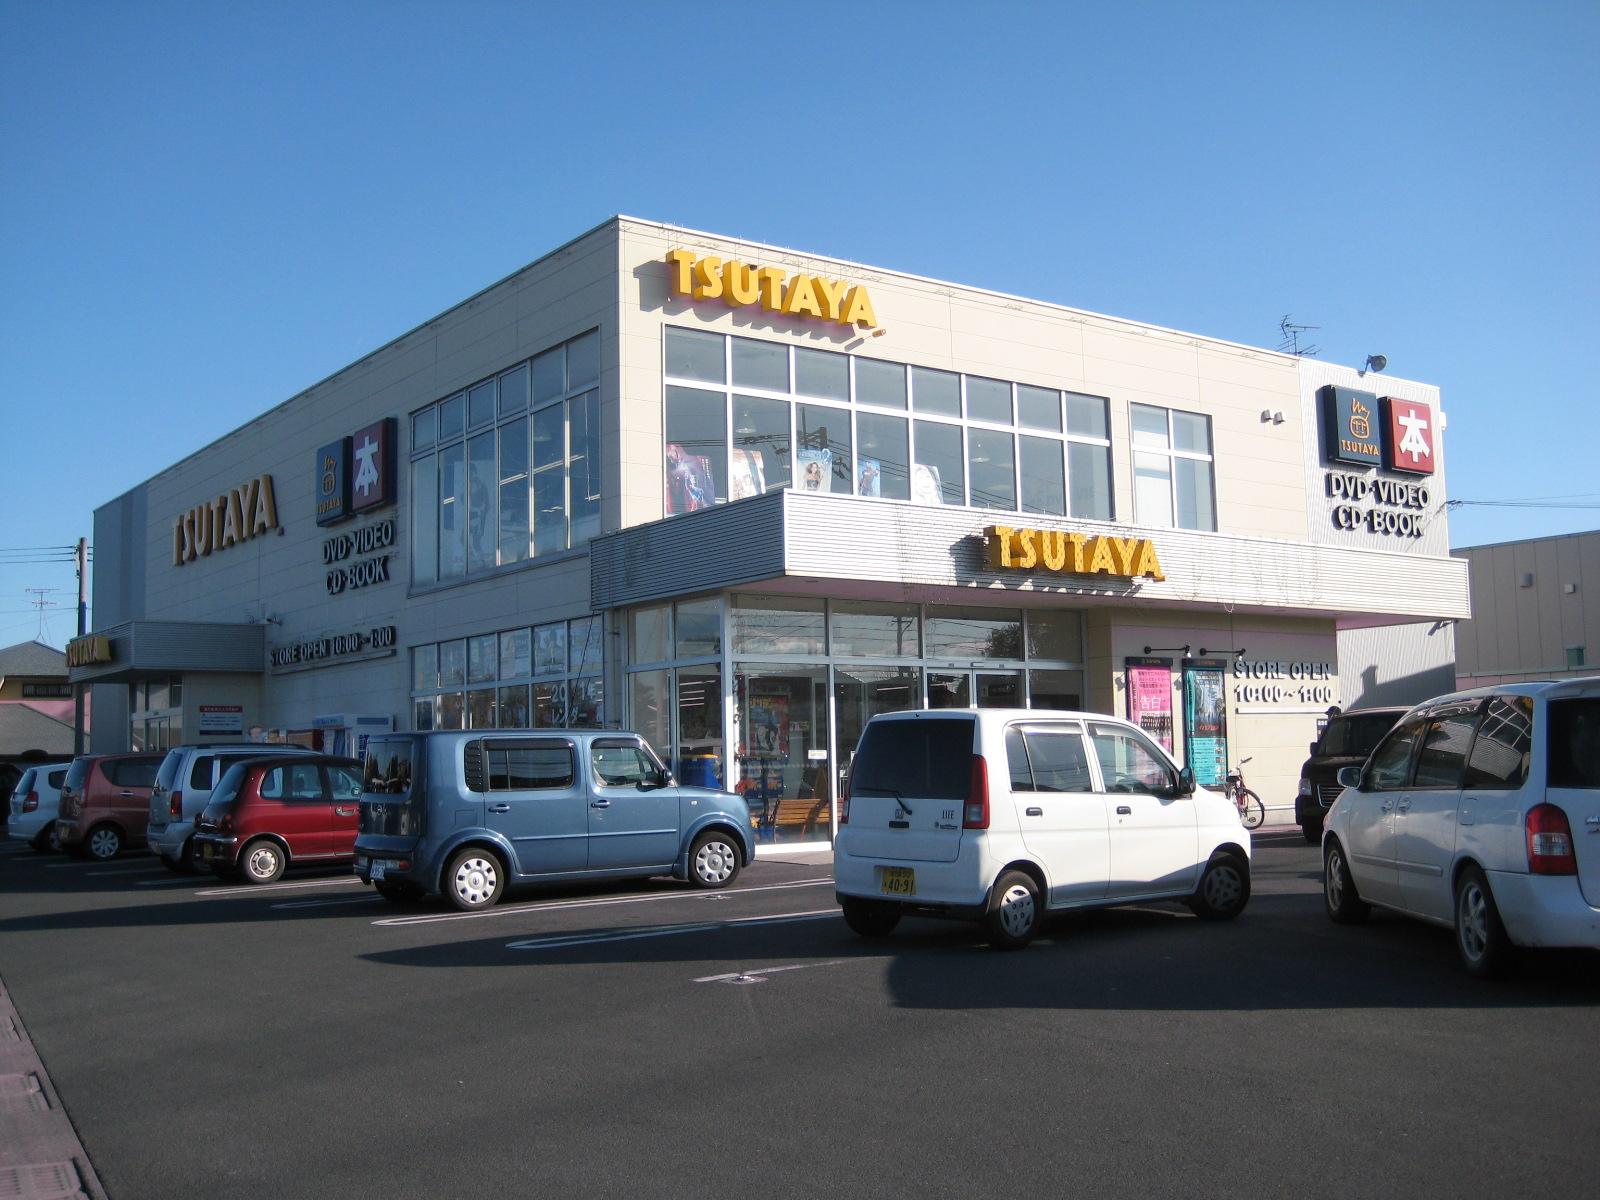 レンタルビデオ TSUTAYA吉野店(レンタルビデオ)まで438m